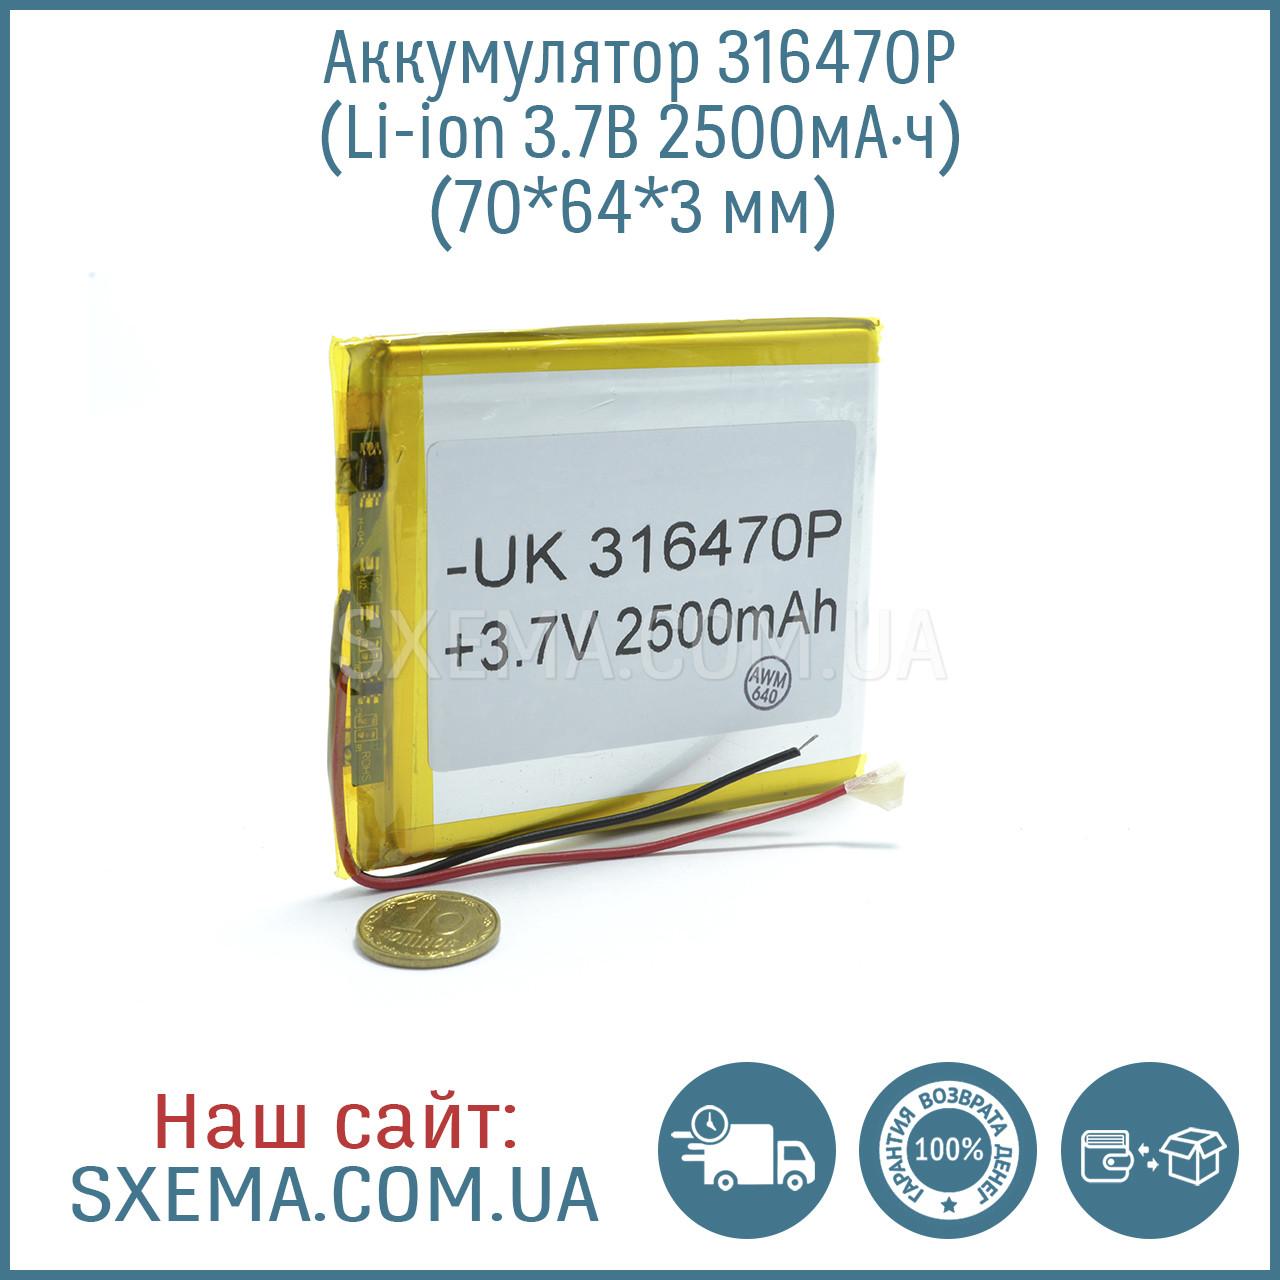 Аккумулятор универсальный 316470   (Li-ion 3.7В 2500мА·ч), (70*64*3 мм)